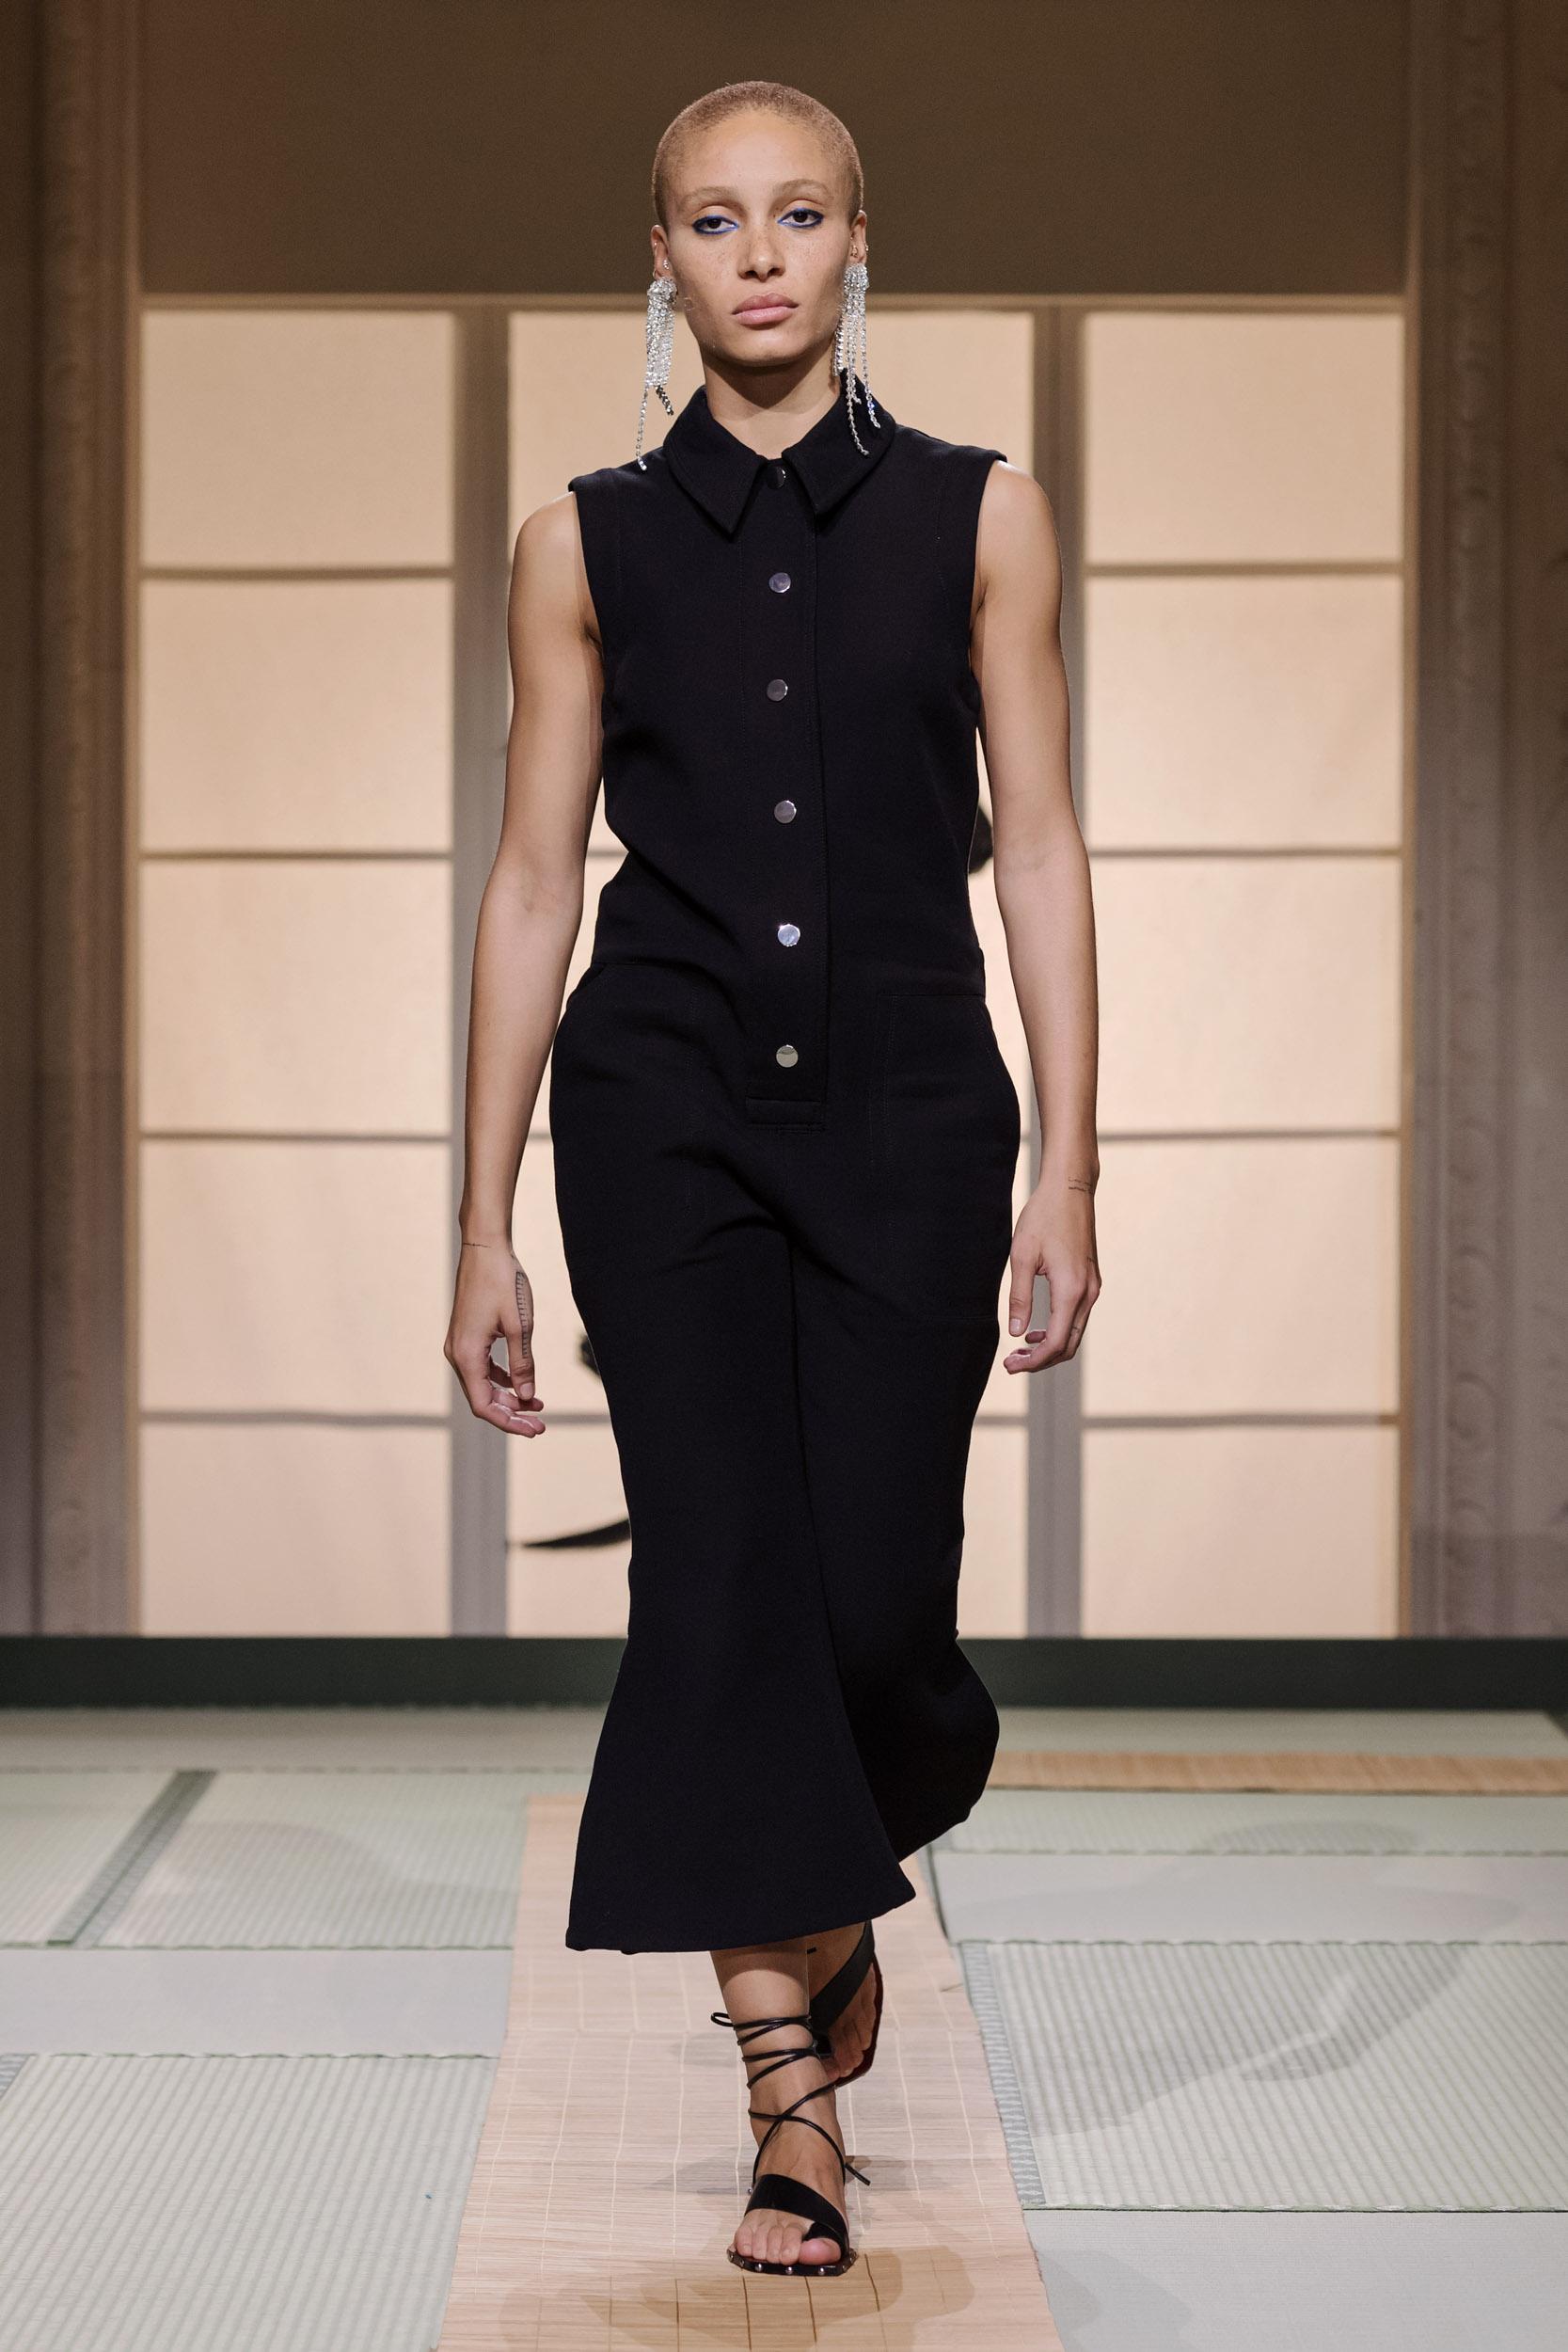 Fashionista Châu Bùi, Kelbin Lei diện nguyên set đồ H&M đến tham dự Paris Fashion Week